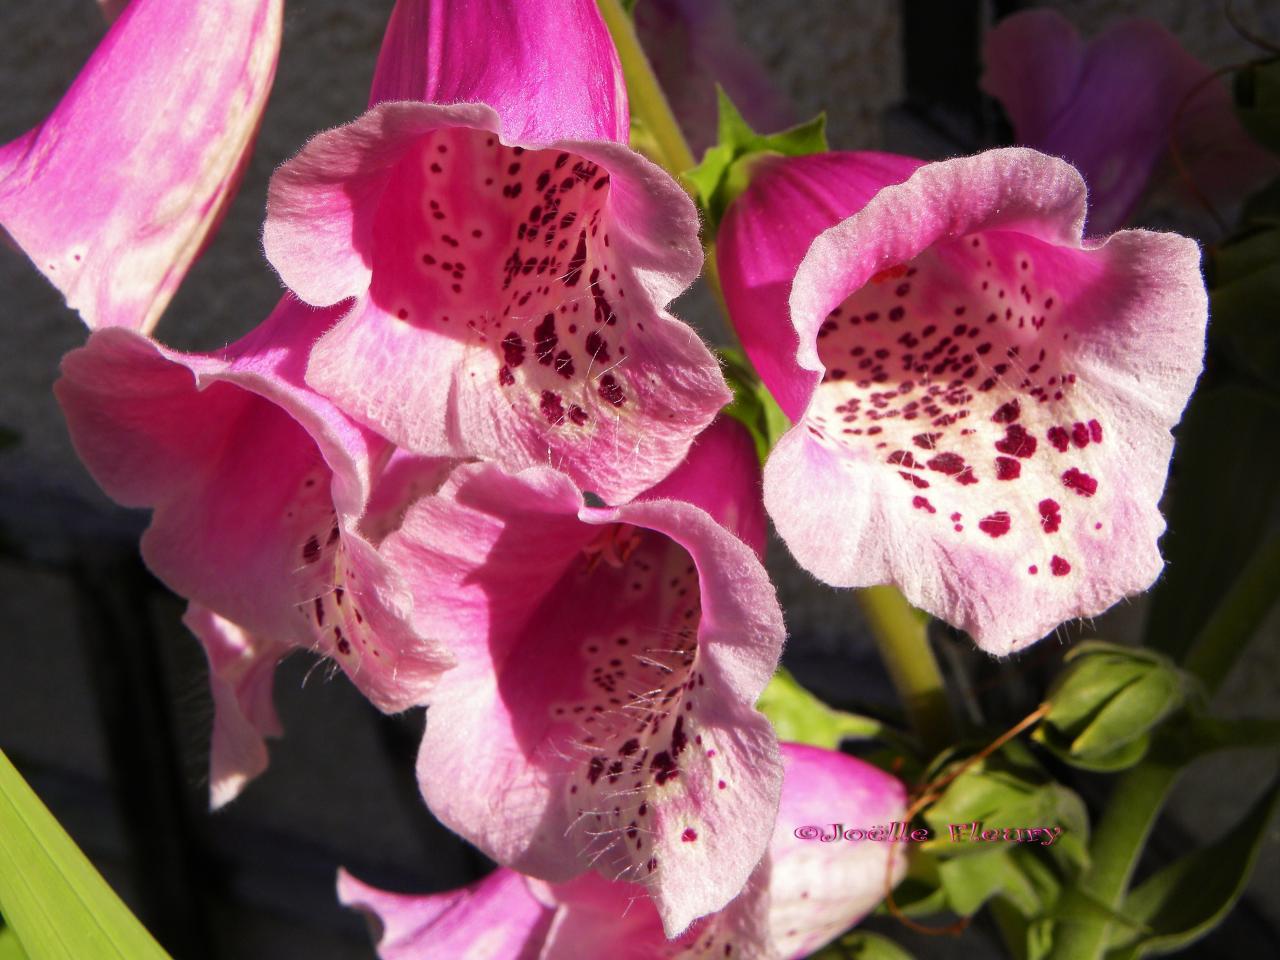 Digitale superbe fleur qui cachent un poison la digitaline - Fleur de poison ...